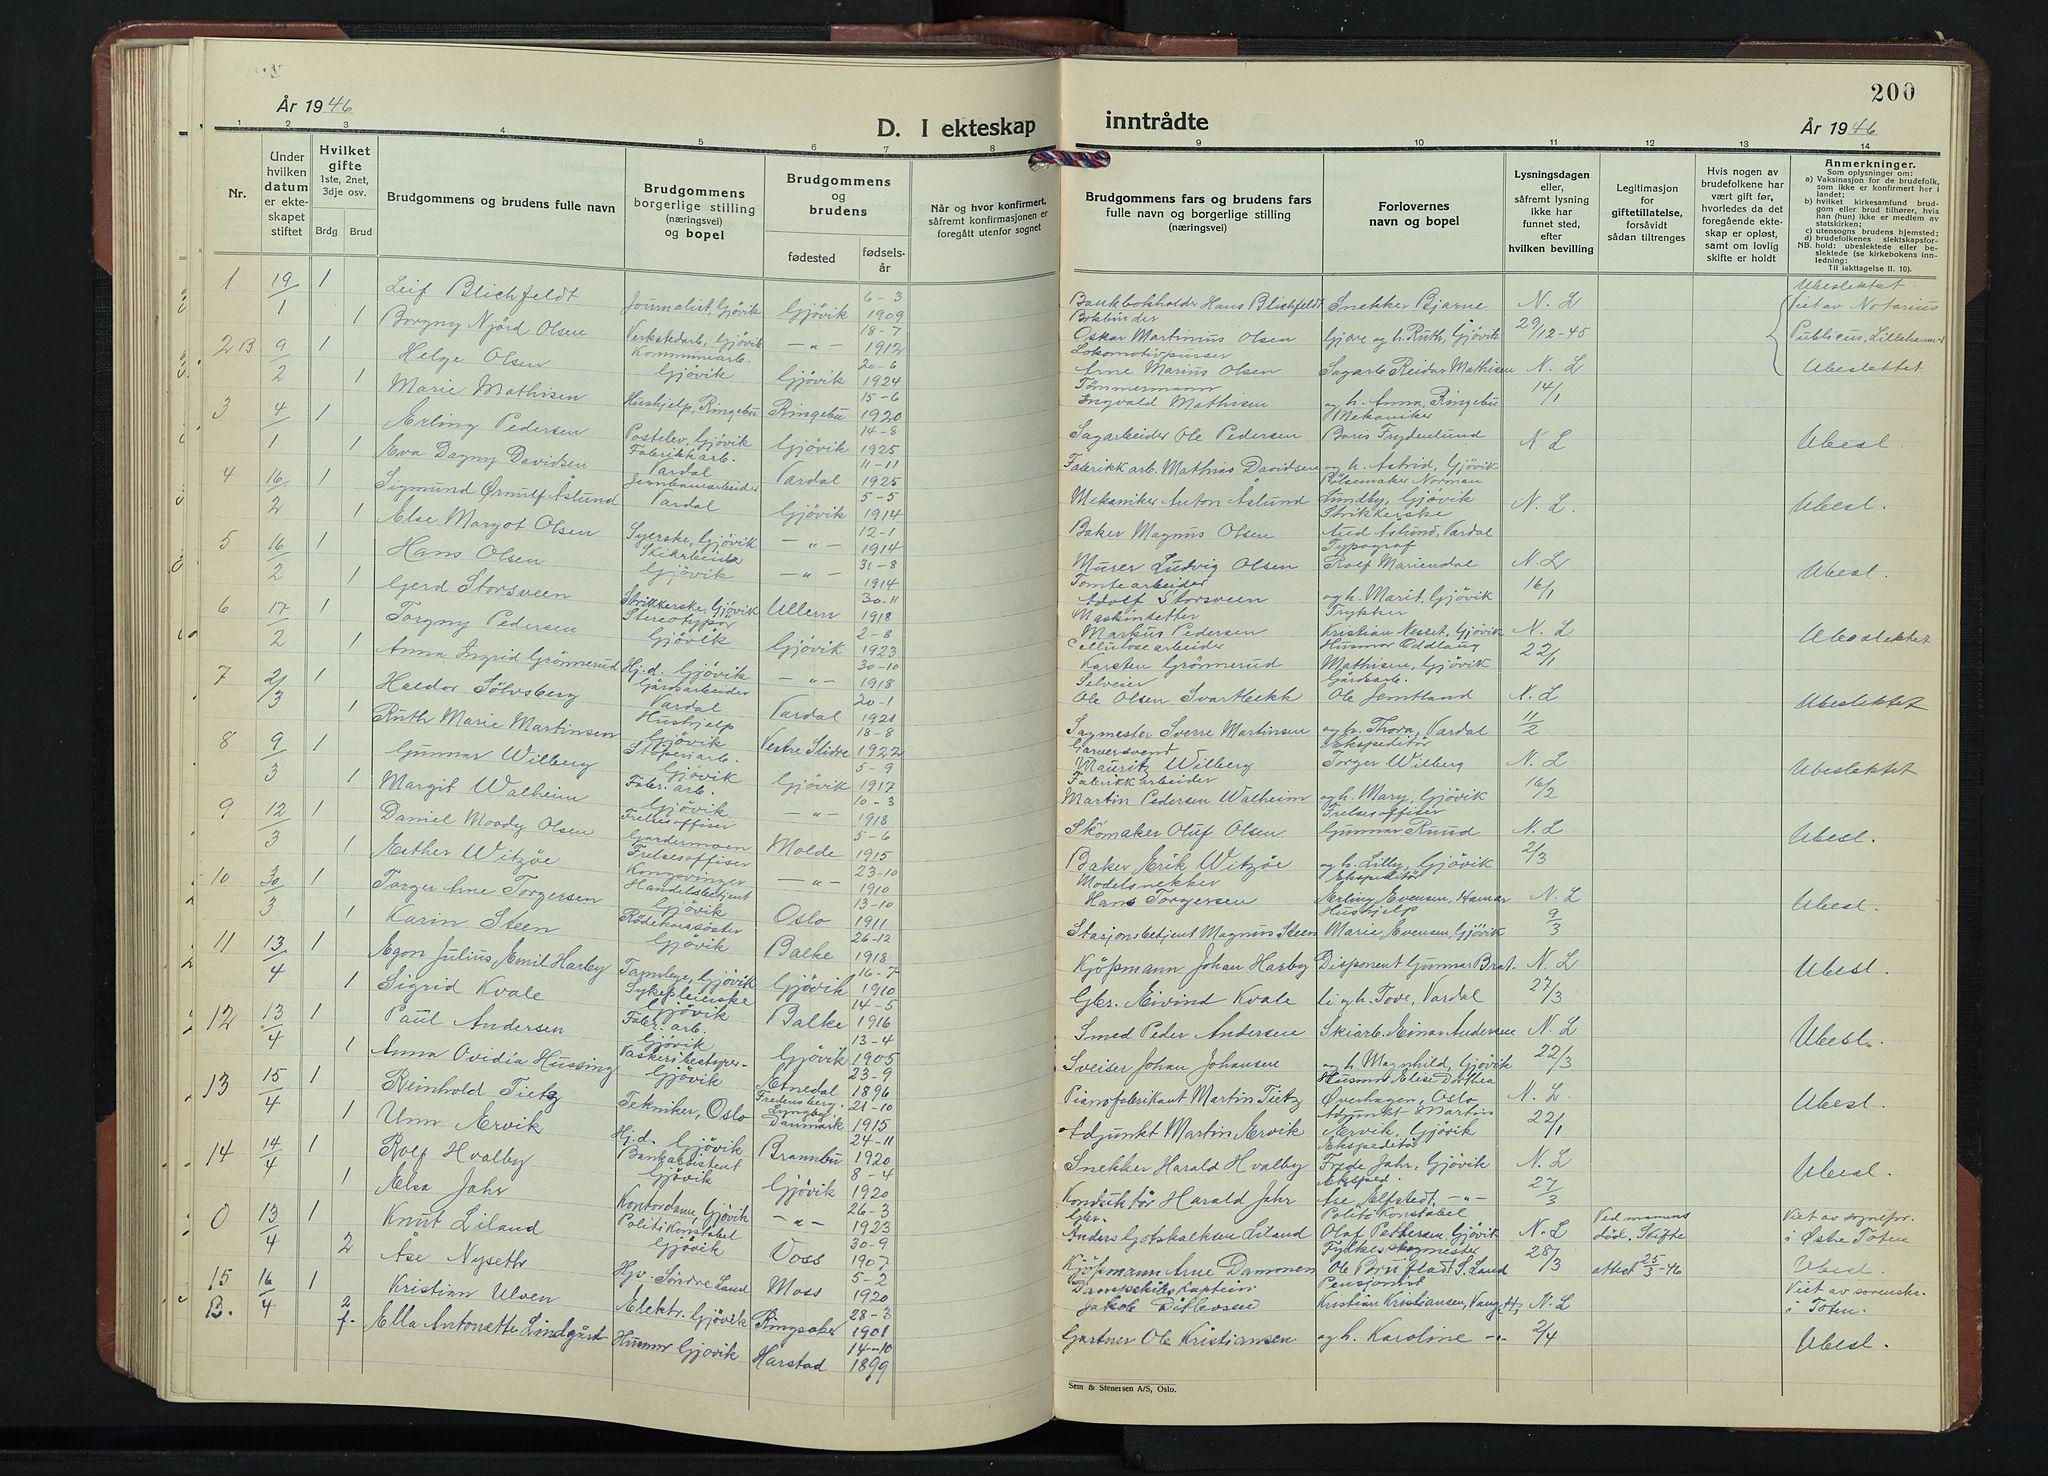 SAH, Gjøvik prestekontor, Klokkerbok nr. 1, 1941-1951, s. 200